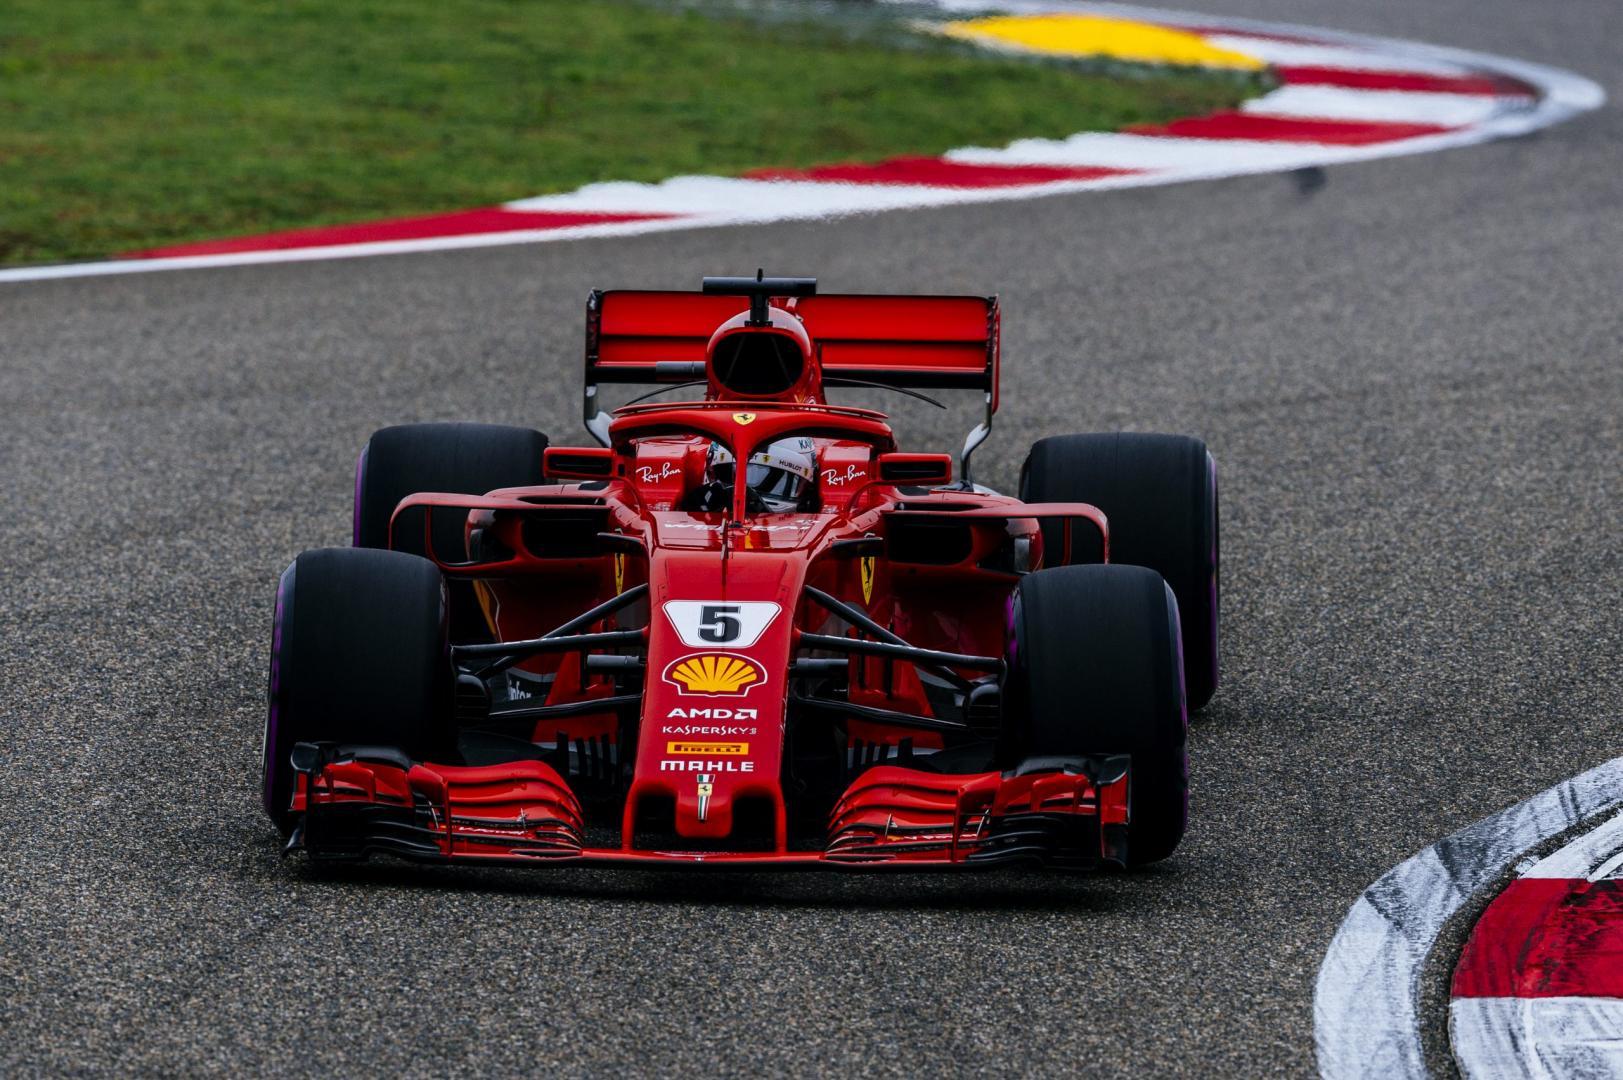 Kwalificatie van de GP van China 2018